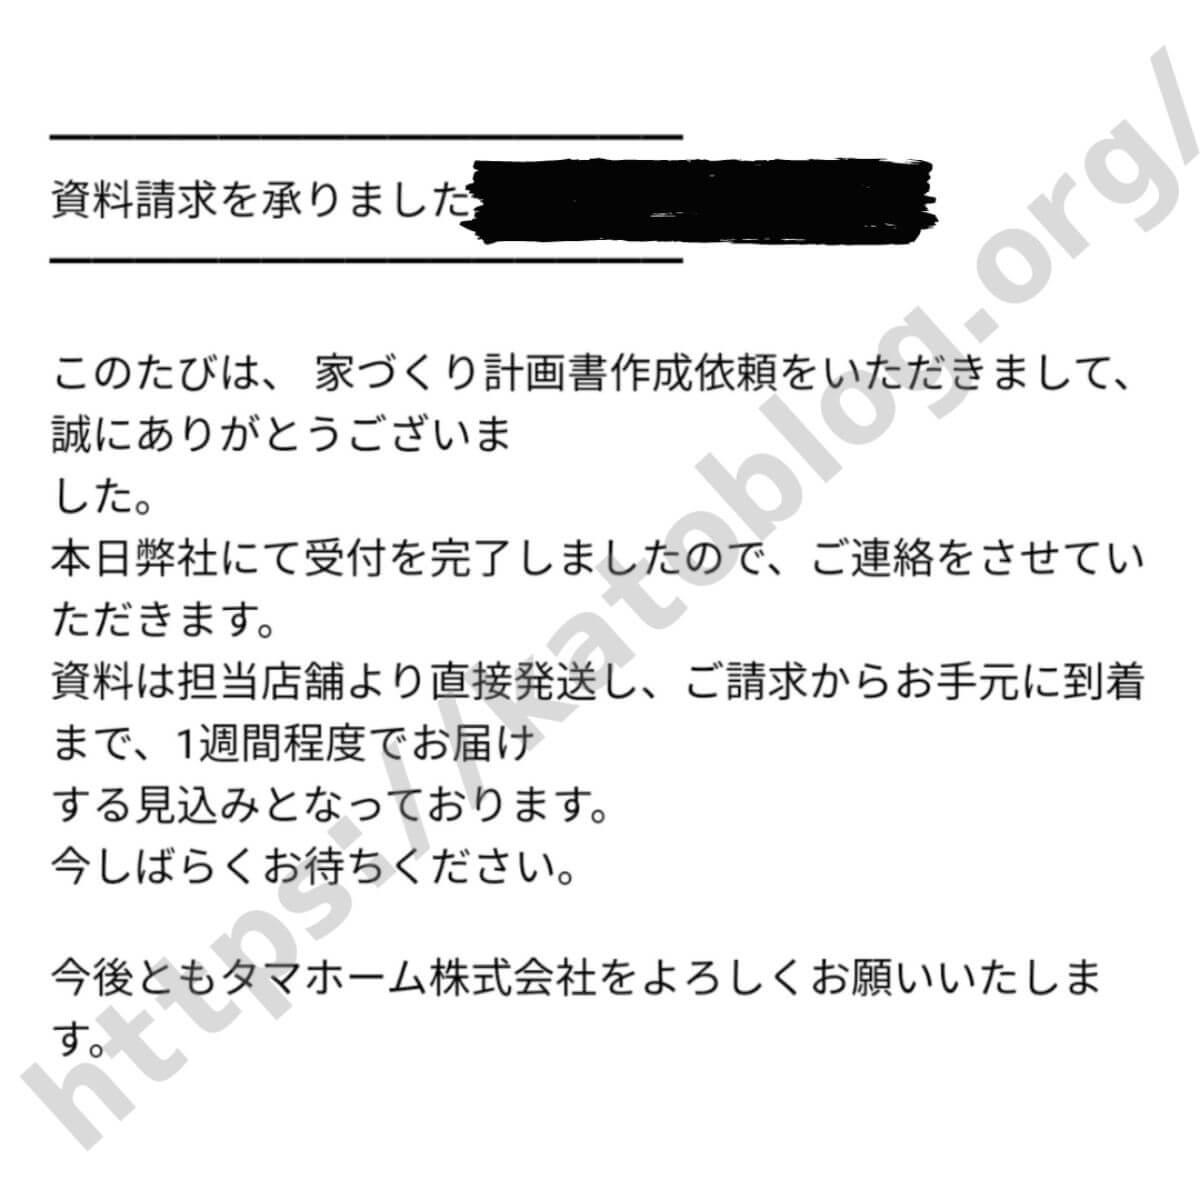 タウンライフ_口コミ_3社目